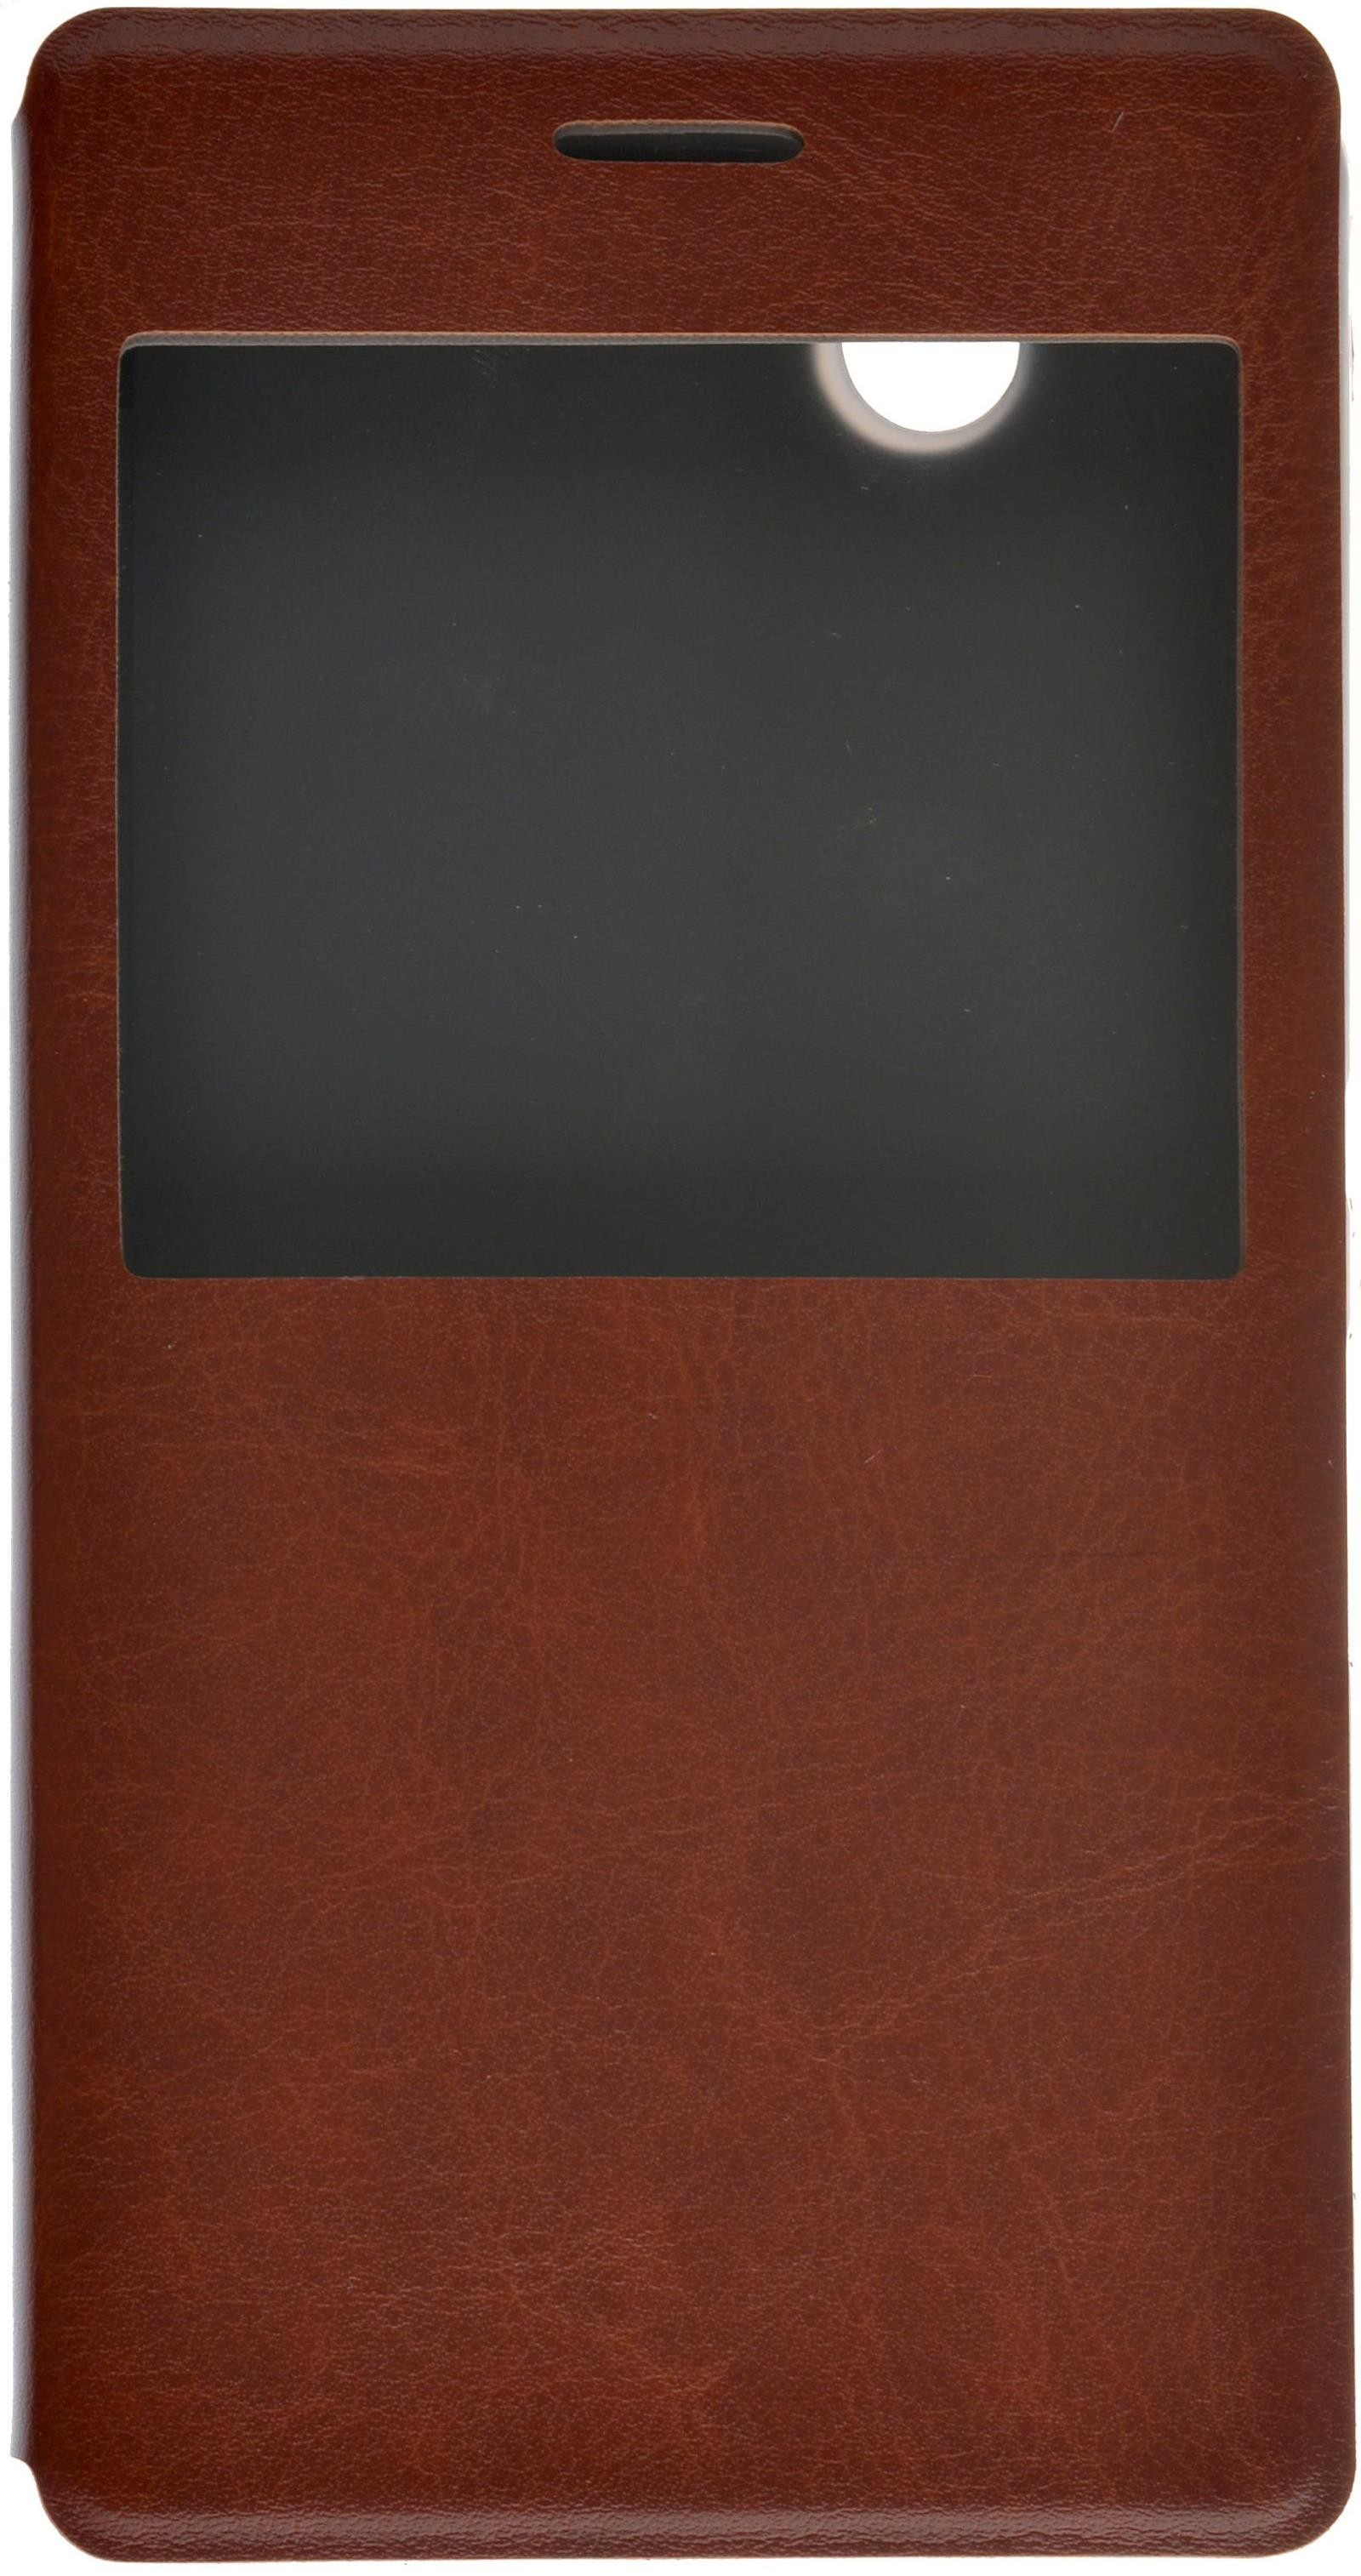 Чехол для сотового телефона skinBOX Lux AW, 4630042527232, коричневый все цены